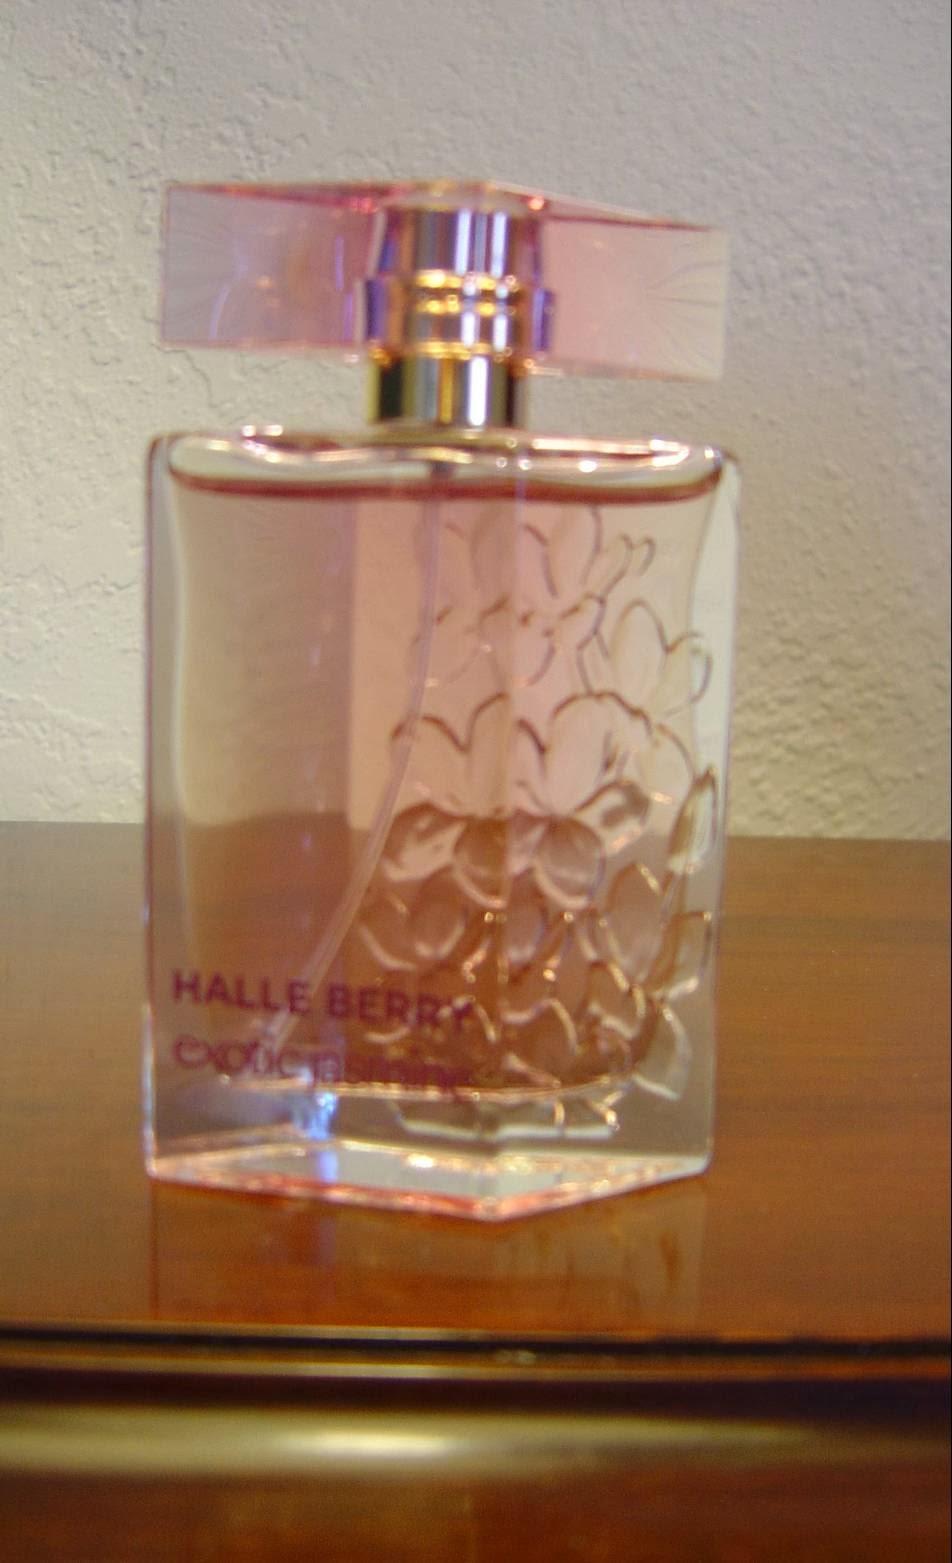 Halle Berry Exotic Jasmine parfum.jpeg